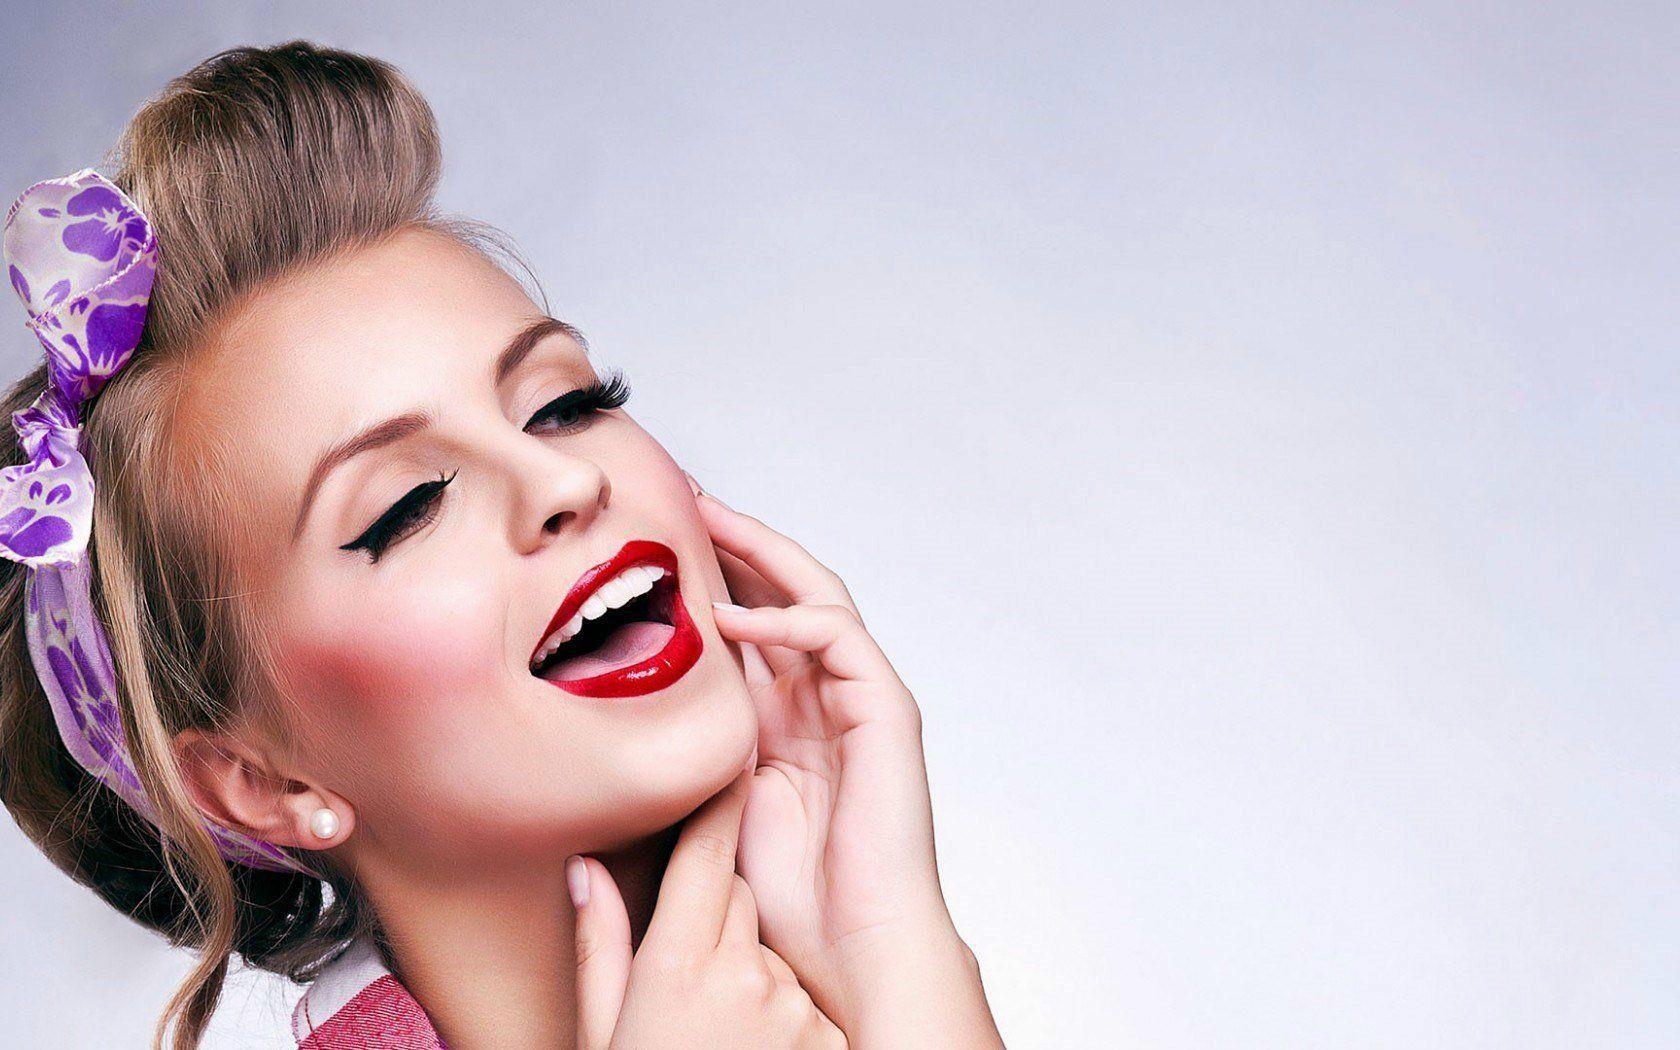 beauty-women-red-lips-smile-hd-wallpaper-beauty